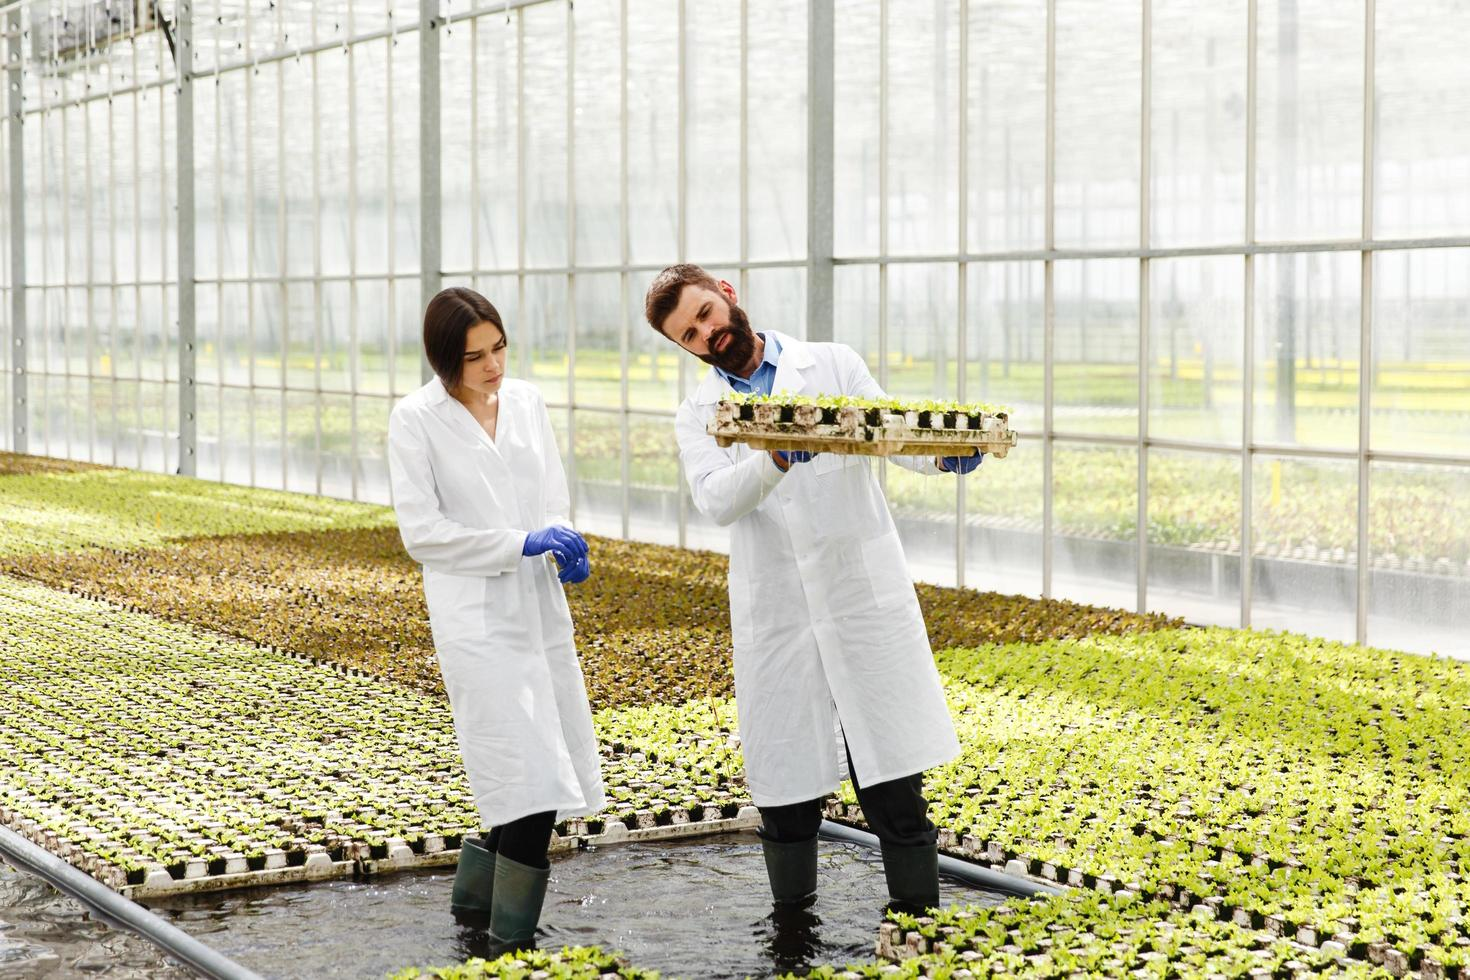 El hombre y la mujer en batas de laboratorio en un invernadero foto